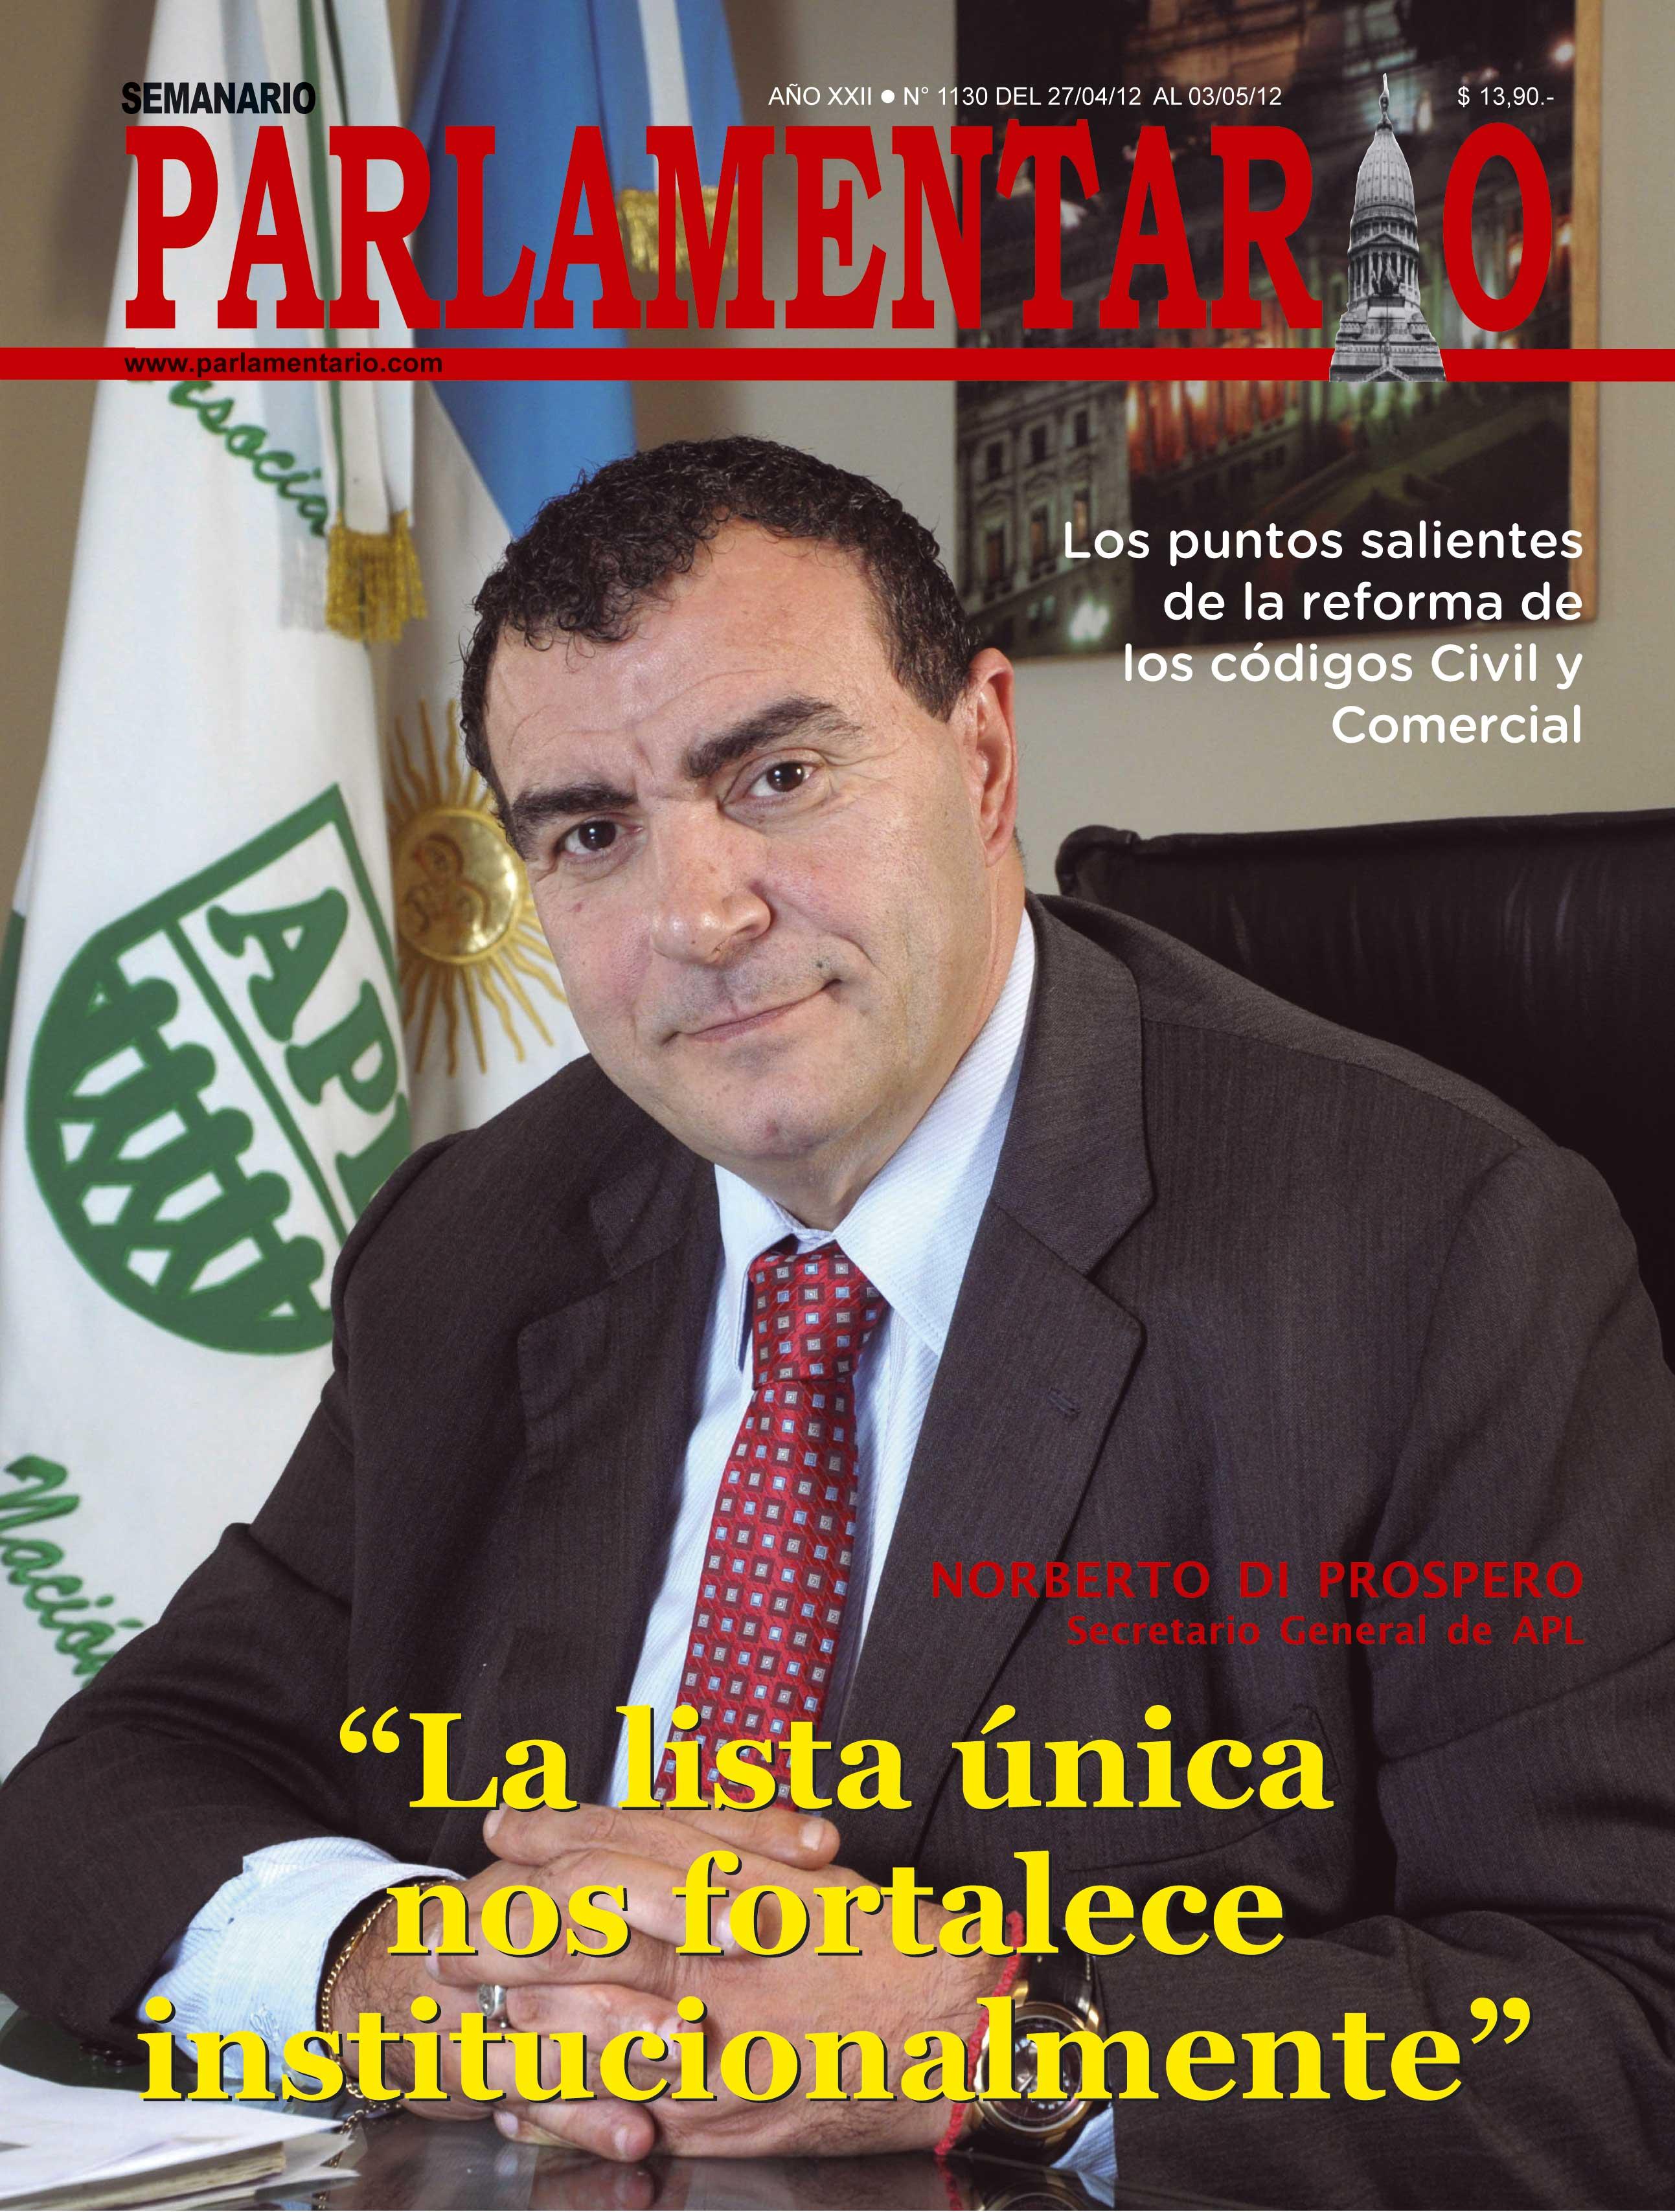 Semanario Parlamentario entrevistó a Norberto Di Próspero.